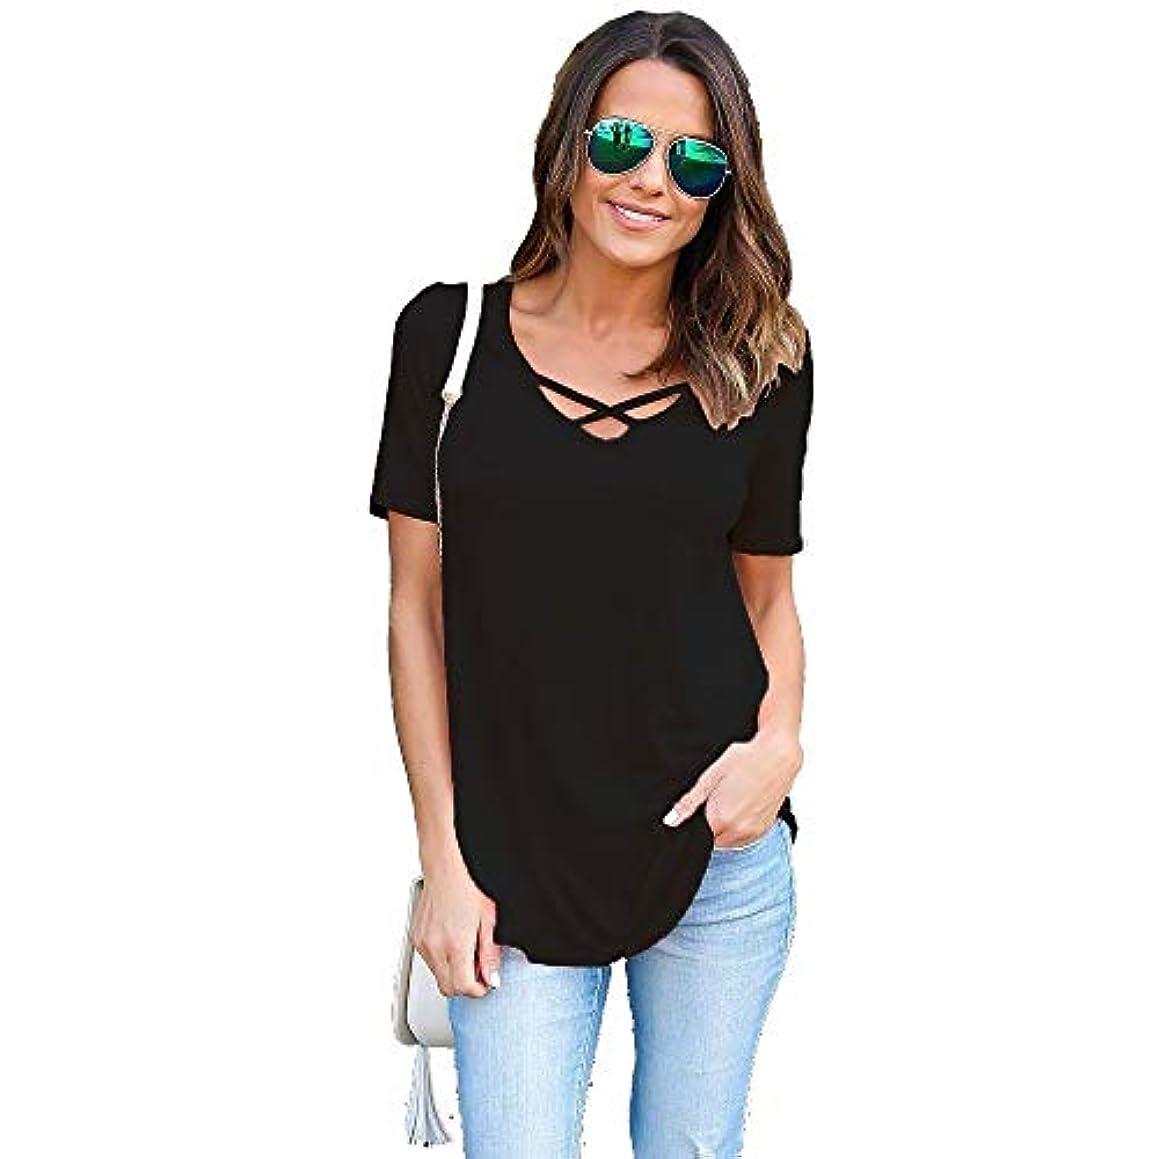 自分火受け入れたMIFAN女性のファッション、シャツ、Tシャツ、Vネック、半袖、無地、コットン、ルーズシャツ、カジュアルシャツ、女性用トップ